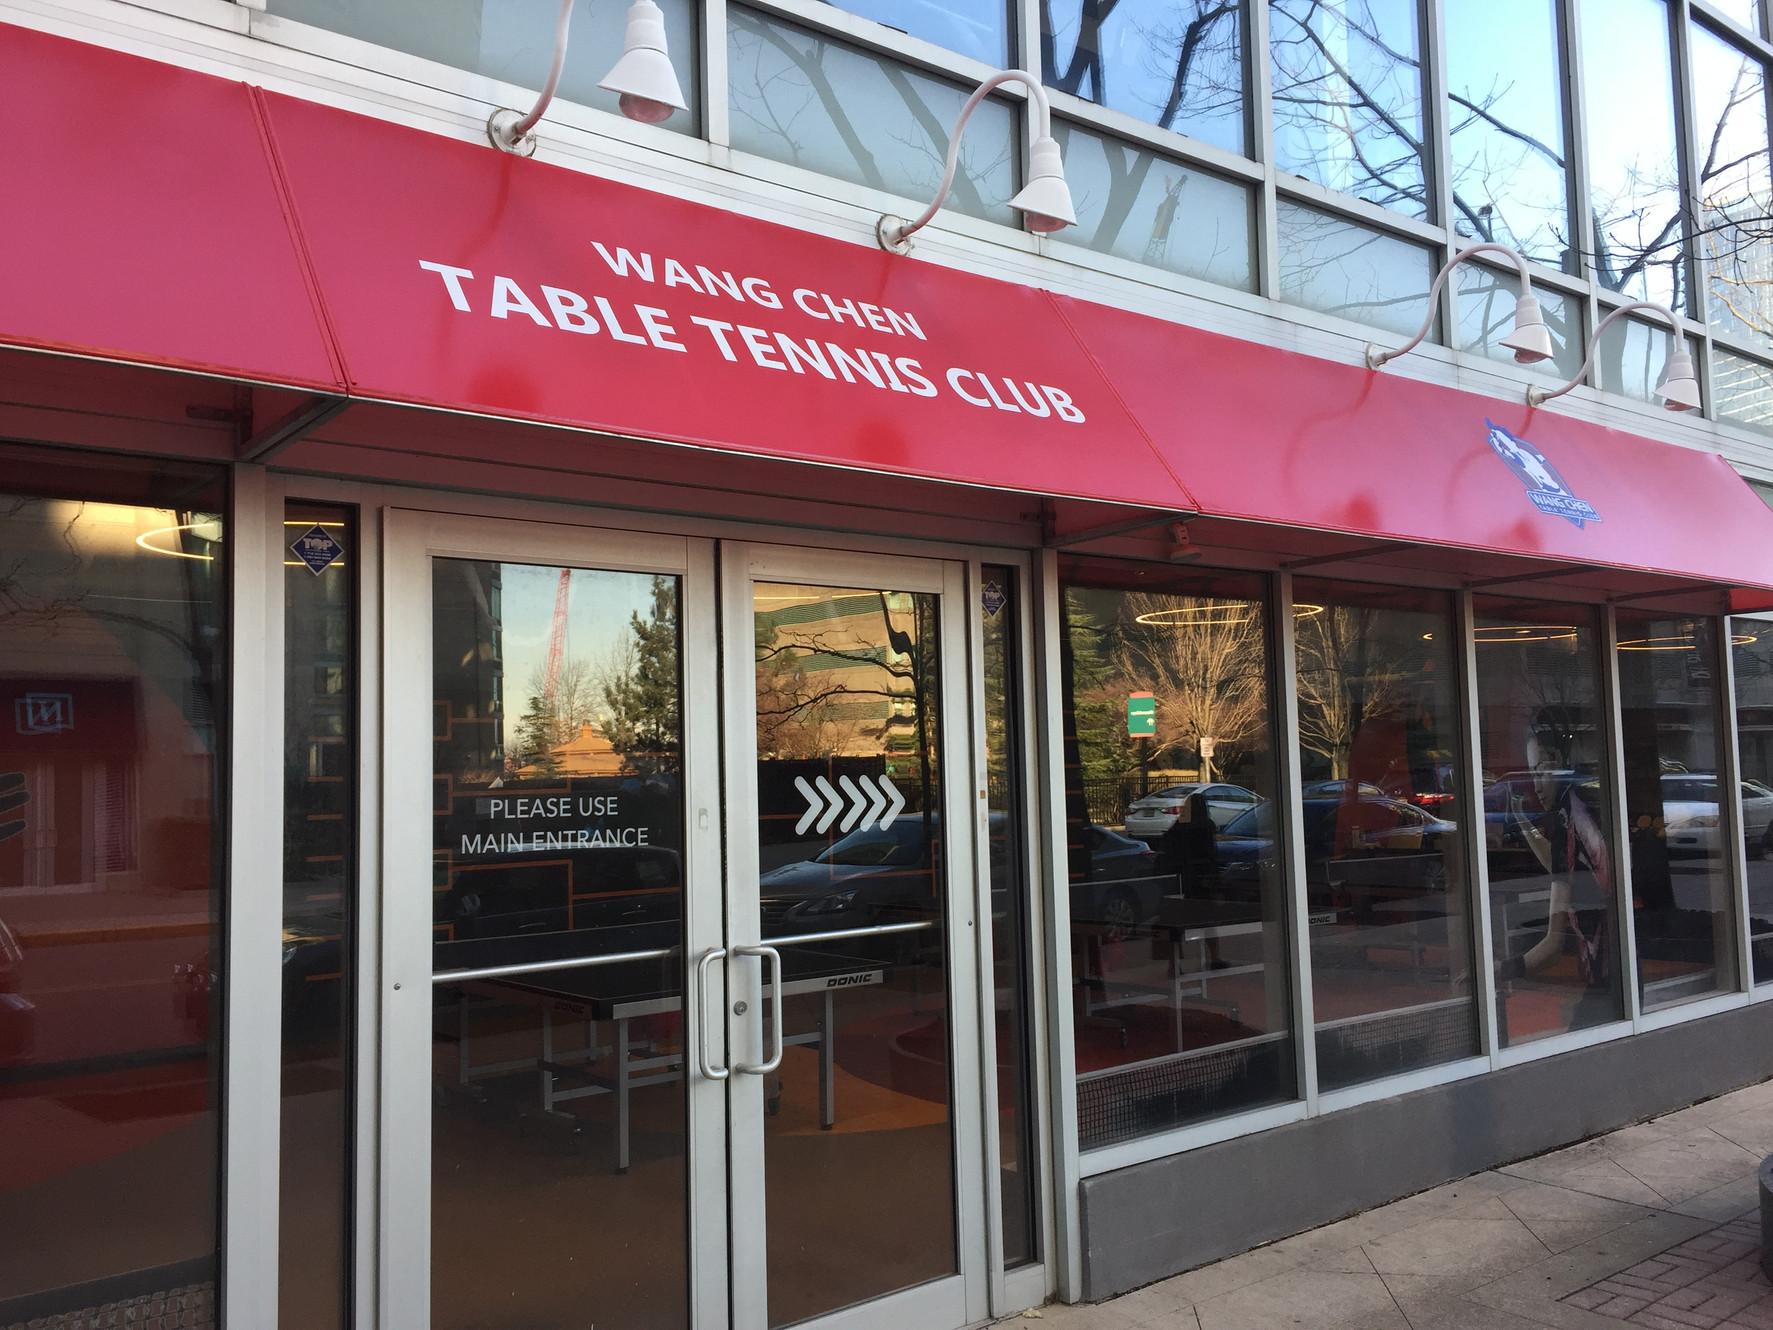 Home Wang Chen Table Tennis Club